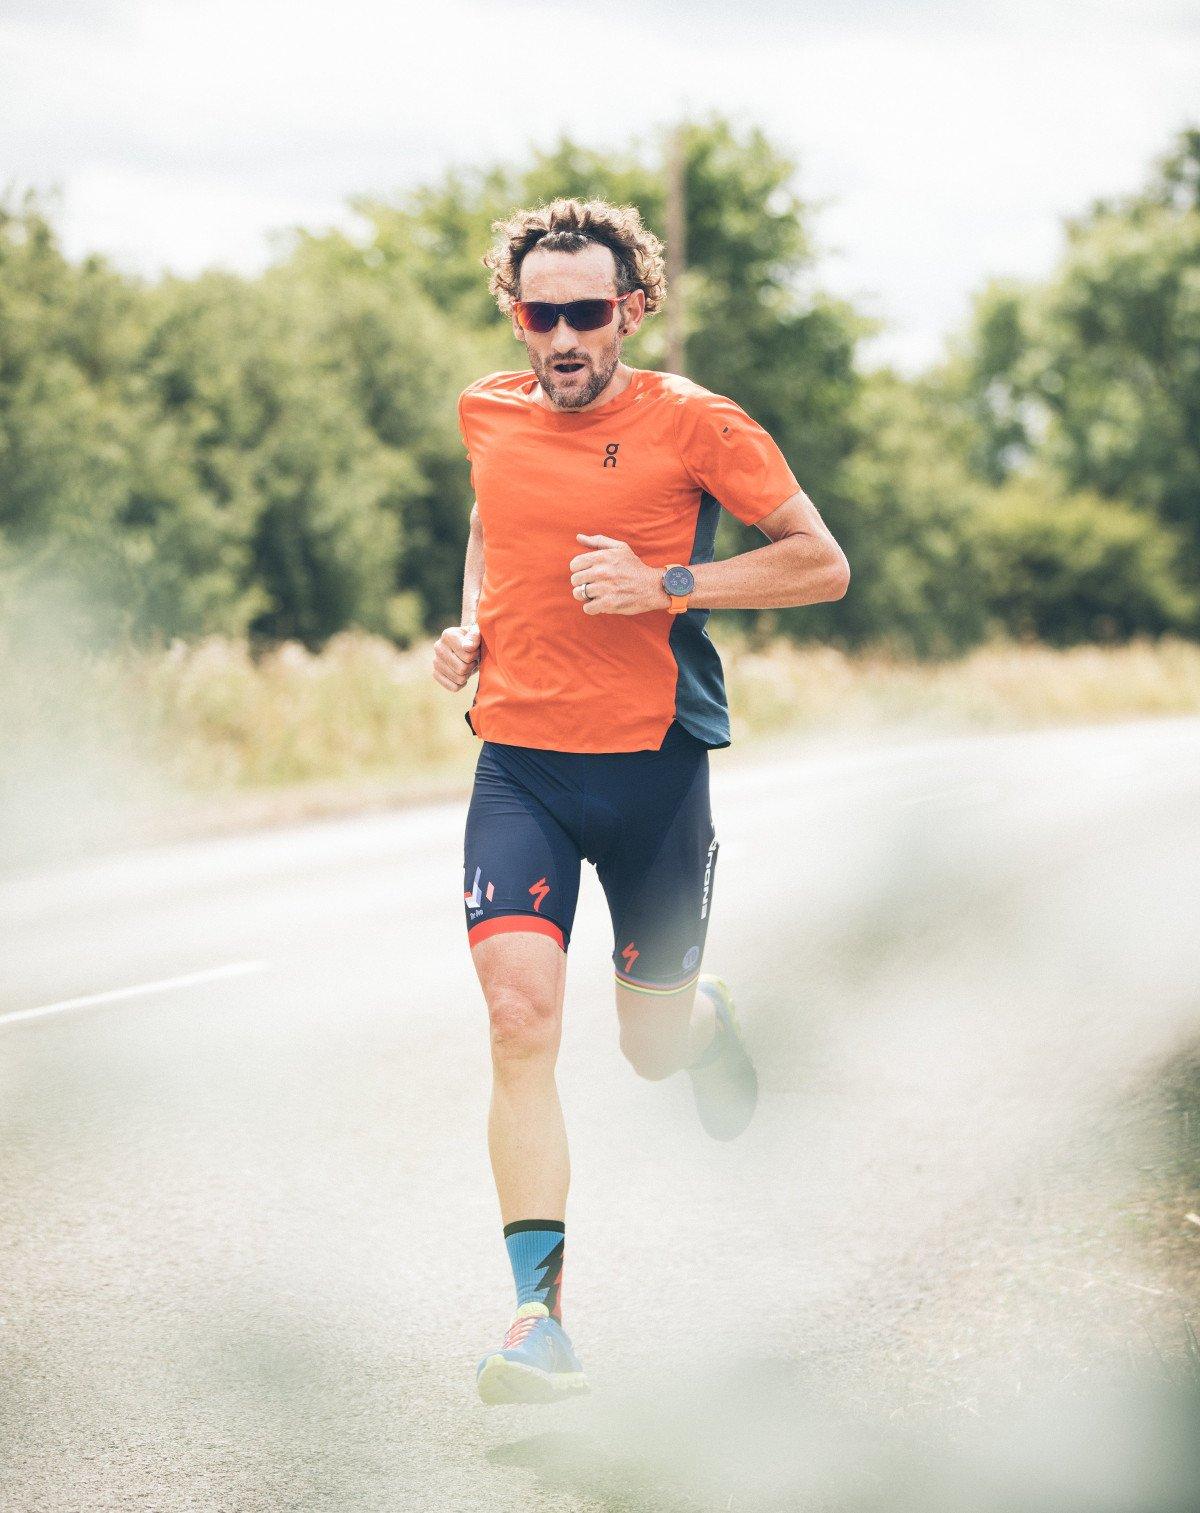 hardlopen kost energie